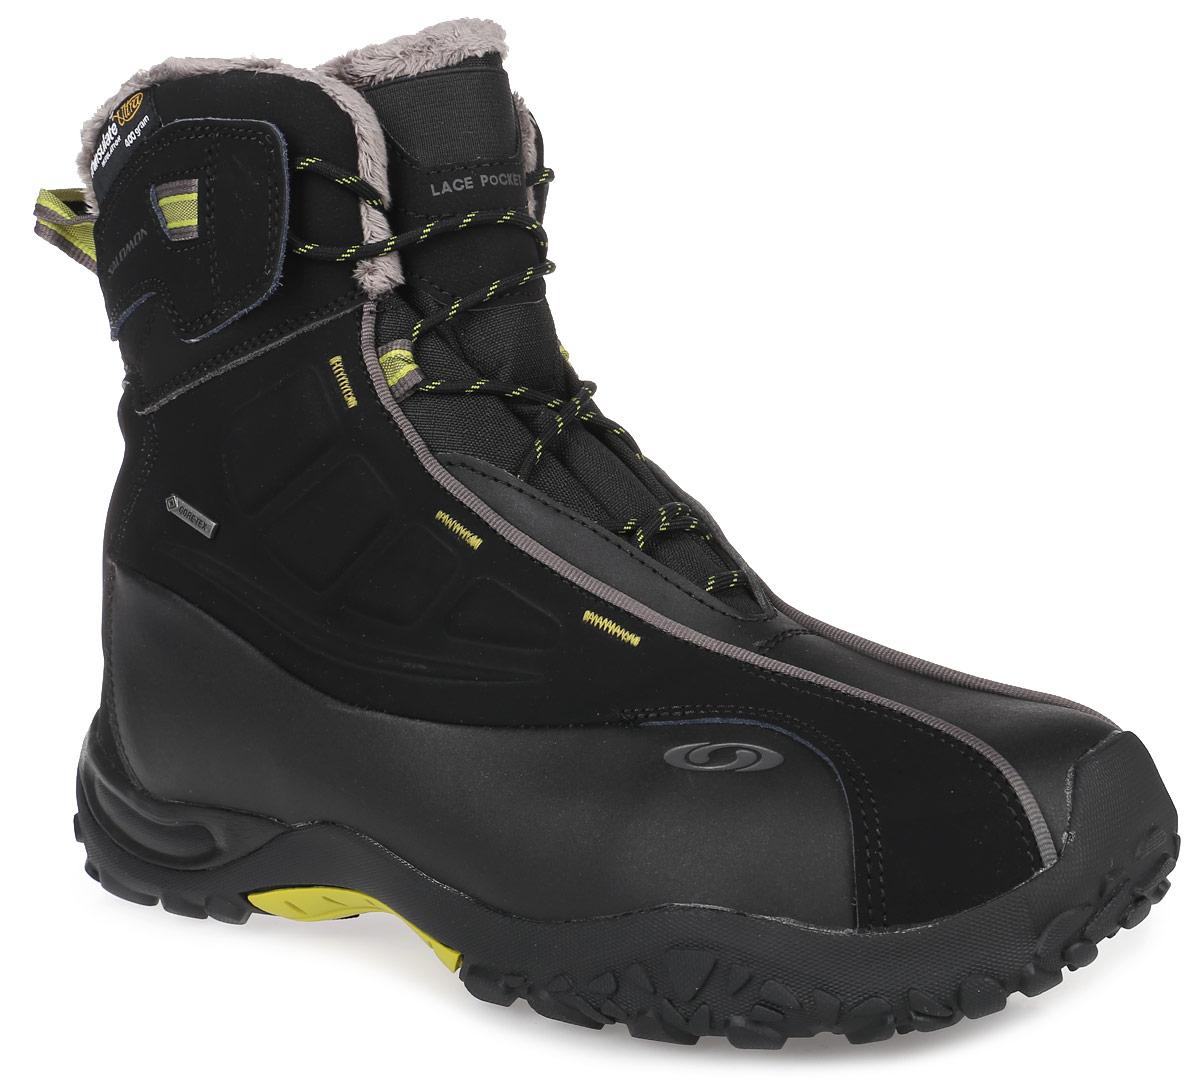 L36674600Трекинговые мужские ботинки Salomon B52 TS GTX - для активного отдыха и повседневного использования. Верх выполнен из разрезной кожи с полиуретановым покрытием. Технология Gore-Tex Extended Comfort Footwear гарантирует сухость ног и обеспечивает повышенный комфорт. Толстая стелька Superfat Winter Sockliner способствует защите от холода, обеспечивает дополнительную амортизацию и поддержку стопы. Защитная резиновая накладка задника обеспечивает защиту заднего отдела стопы, защитная резиновая накладка на мыске защитит ботинки в горах и во время пробежки. Не оставляющая следов подошва Contagrip обеспечивает оптимальное сцепление на разных поверхностях. Состоит подошва из идеального сочетания специальных резин. Модель декорирована отстрочками. Удобная шнуровка надежно фиксирует модель на стопе, позволяя регулировать ширину изделия. Швы проклеены. Защитное полиуретановое покрытие кожи. Такие ботинки отлично дополнят образ человека, ведущего активный образ жизни.